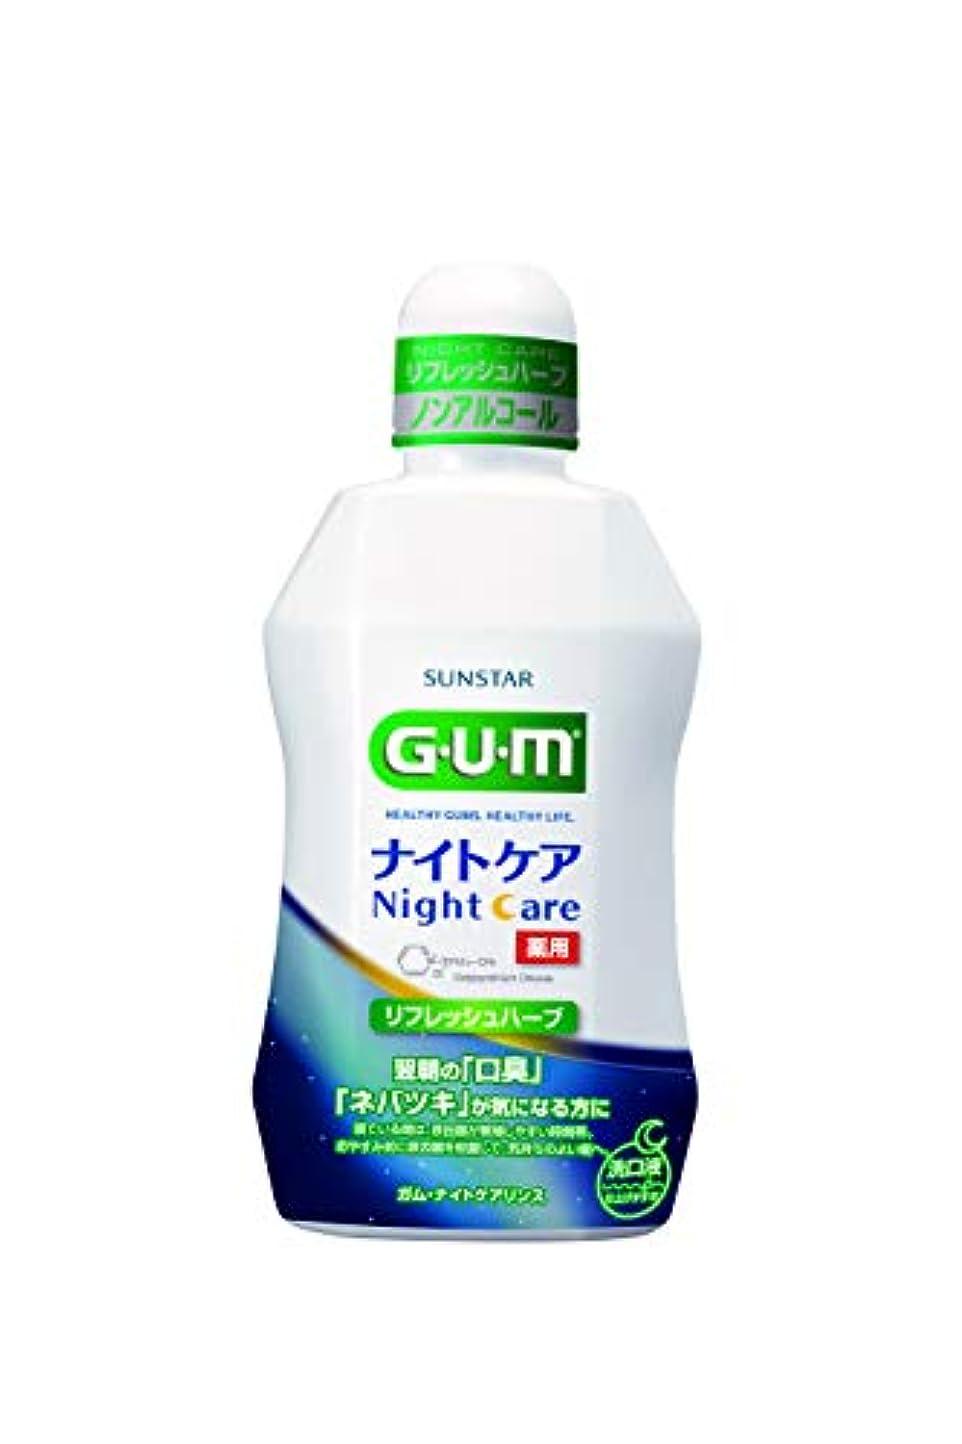 融合獣黒板(医薬部外品) GUM(ガム) マウスウォッシュ ナイトケア 薬用洗口液(リフレッシュハーブタイプ)450mL